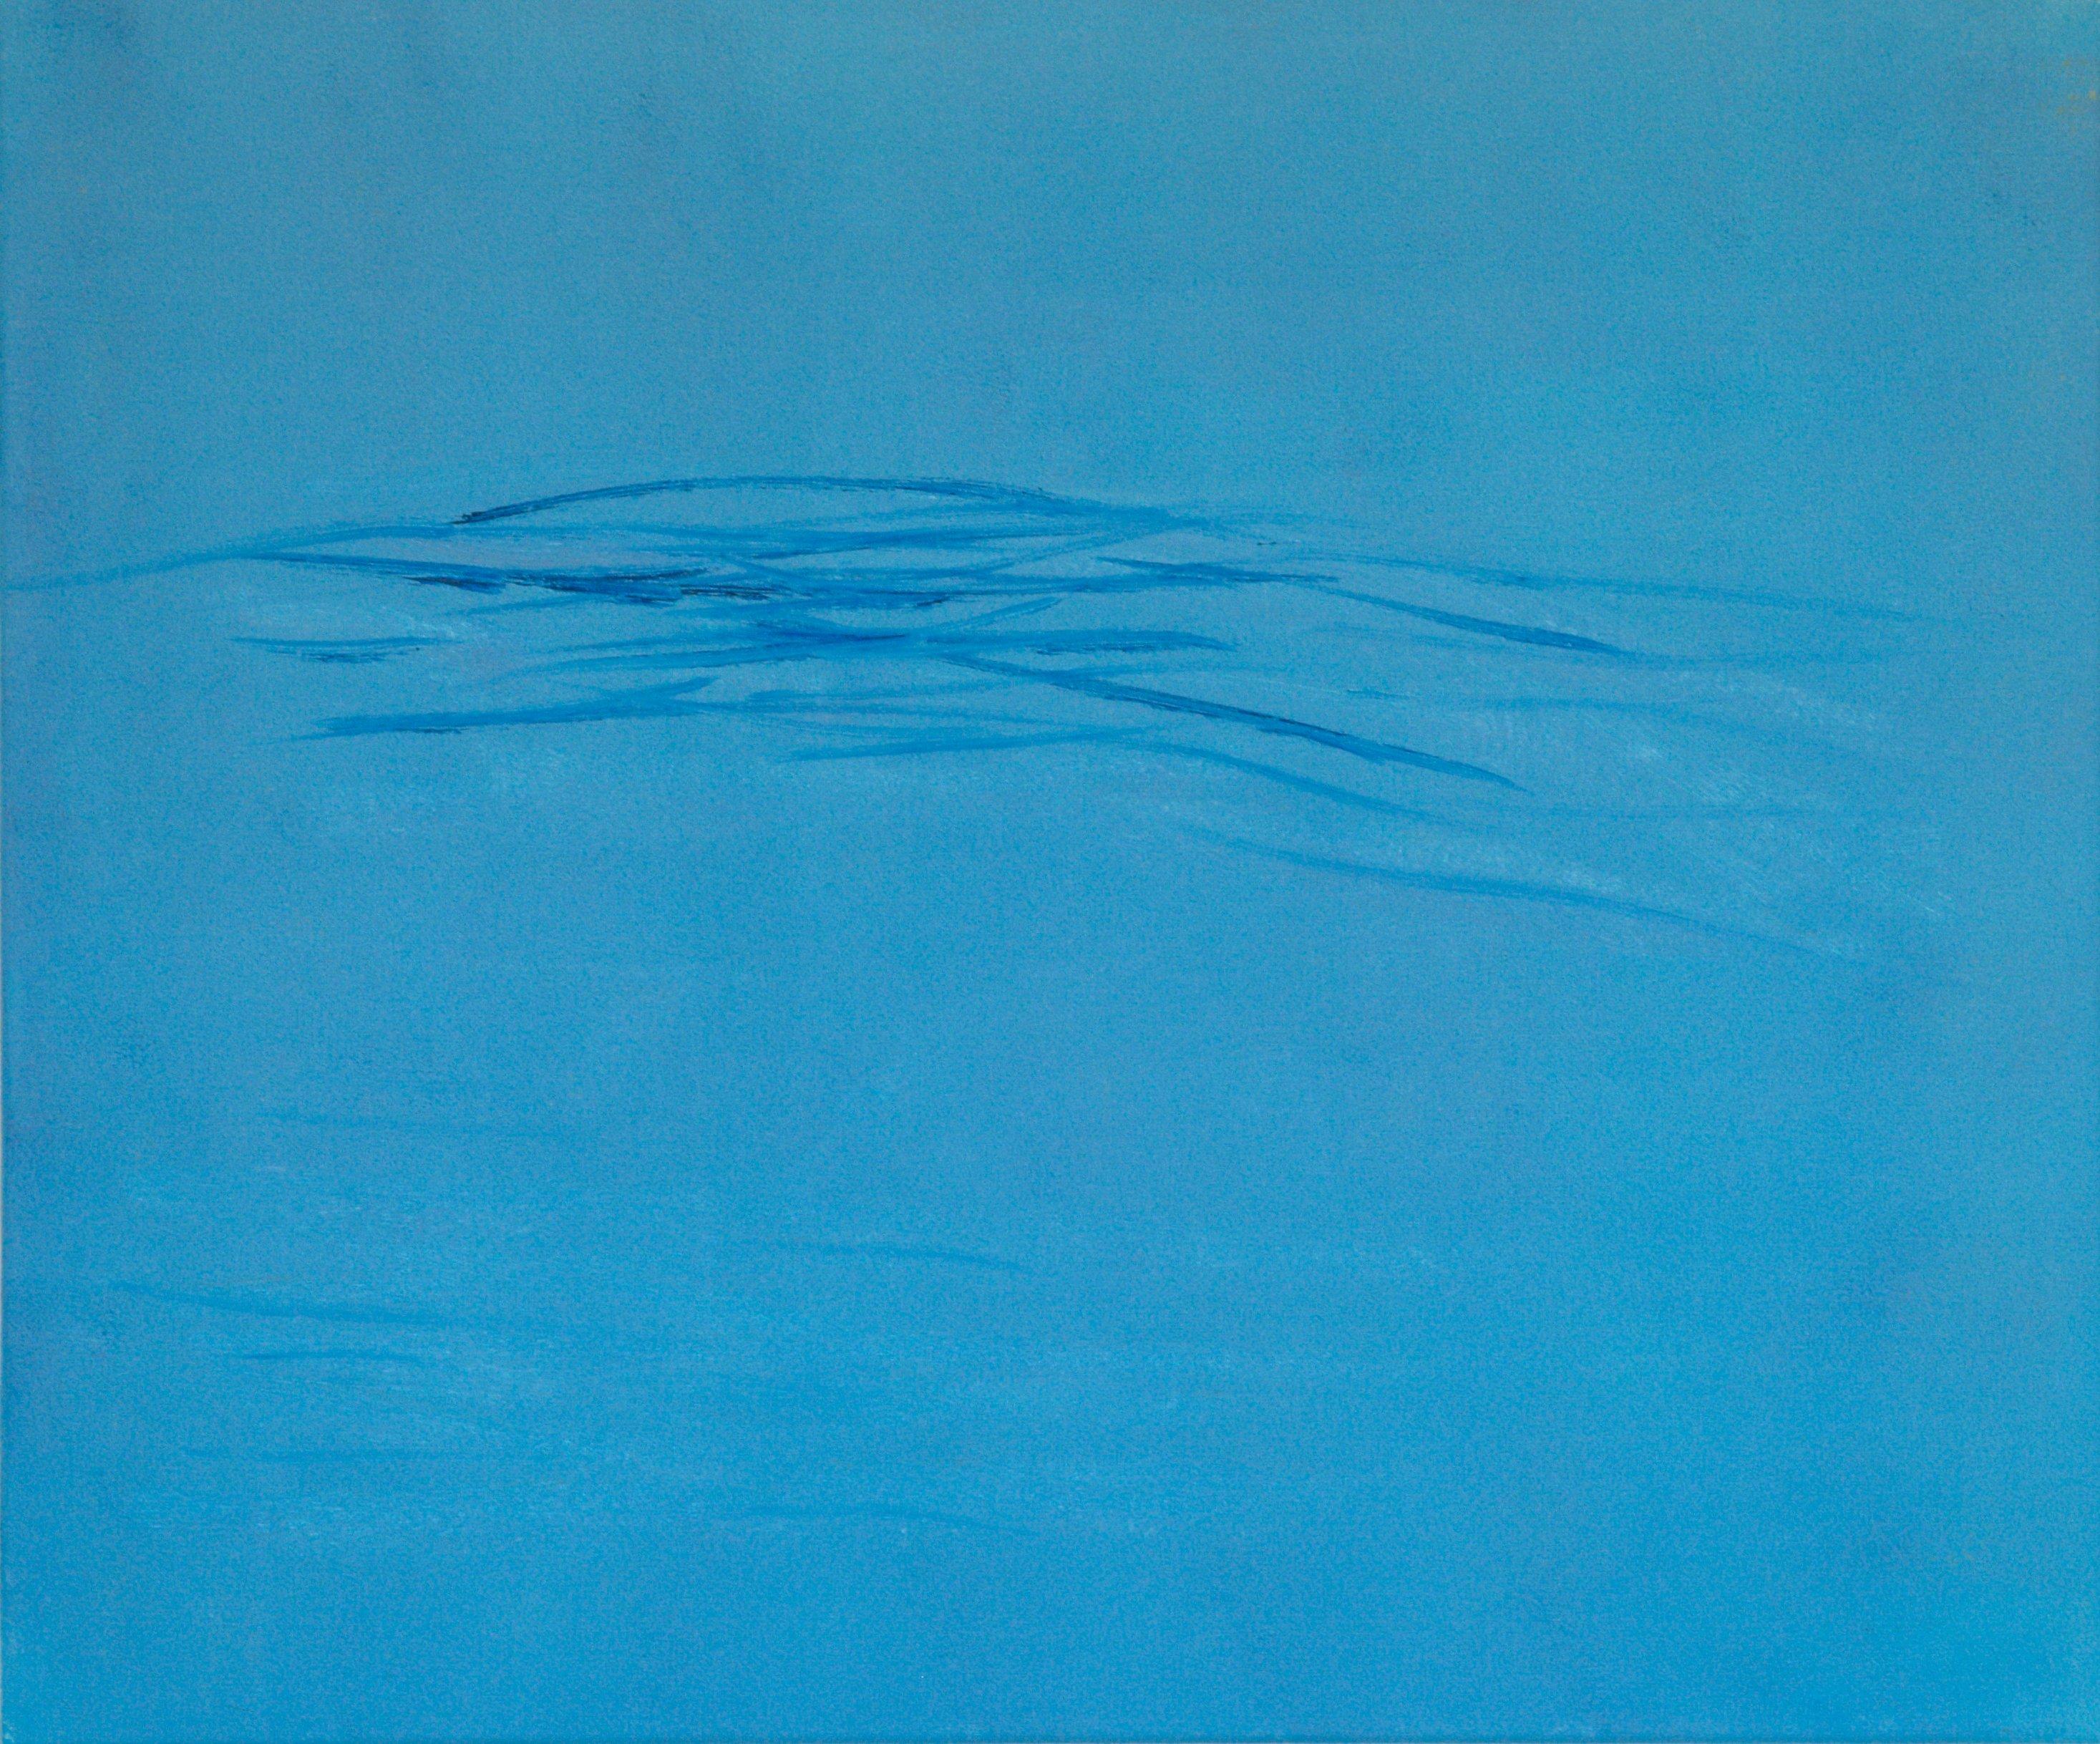 Marij Aarntzen, golf, olie op doek, 50 x 60 cm, 2012